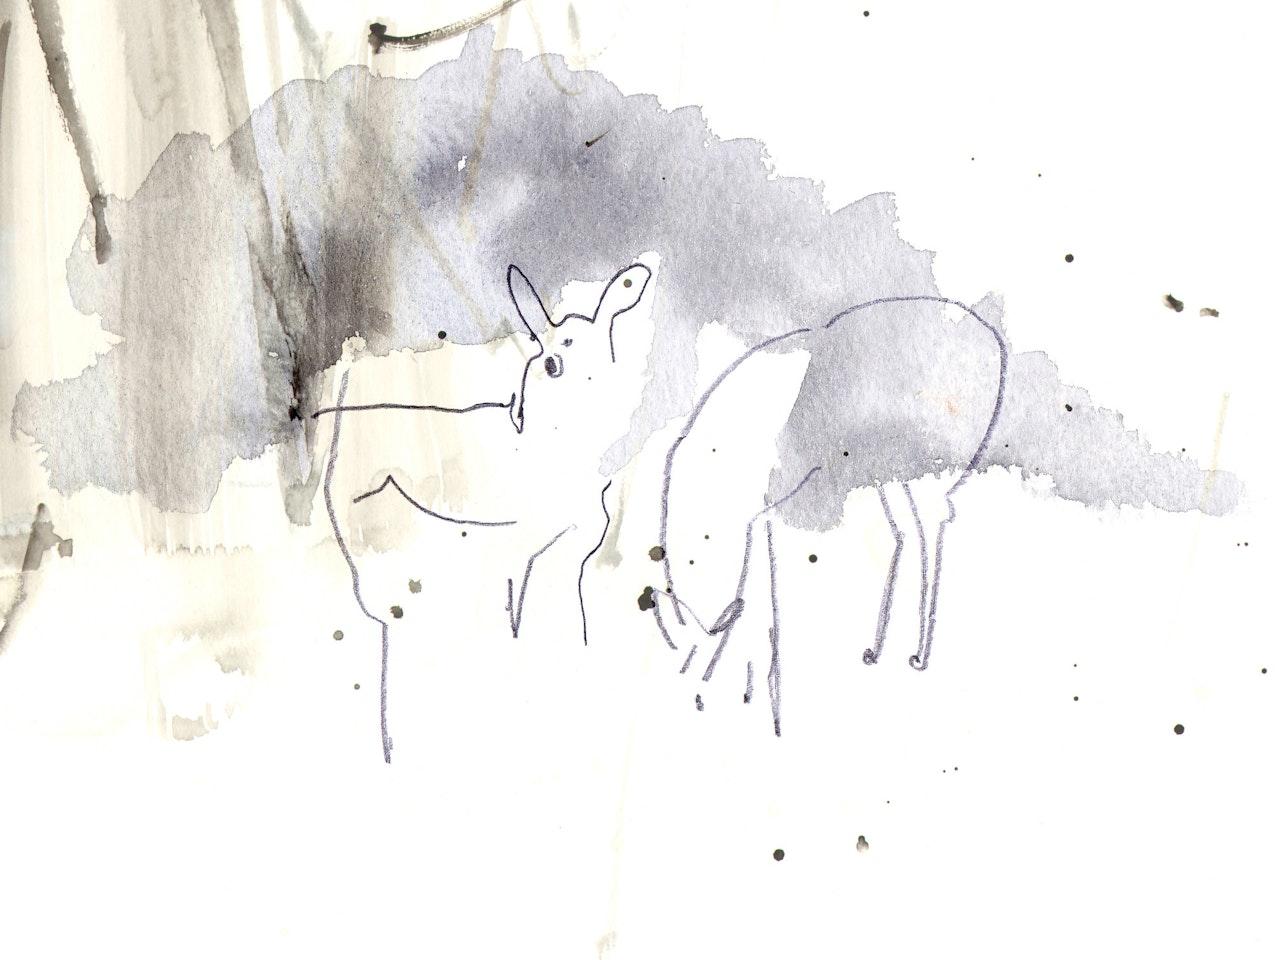 Vicky Bentham Green 16.01.15 Deer1 Unpublished